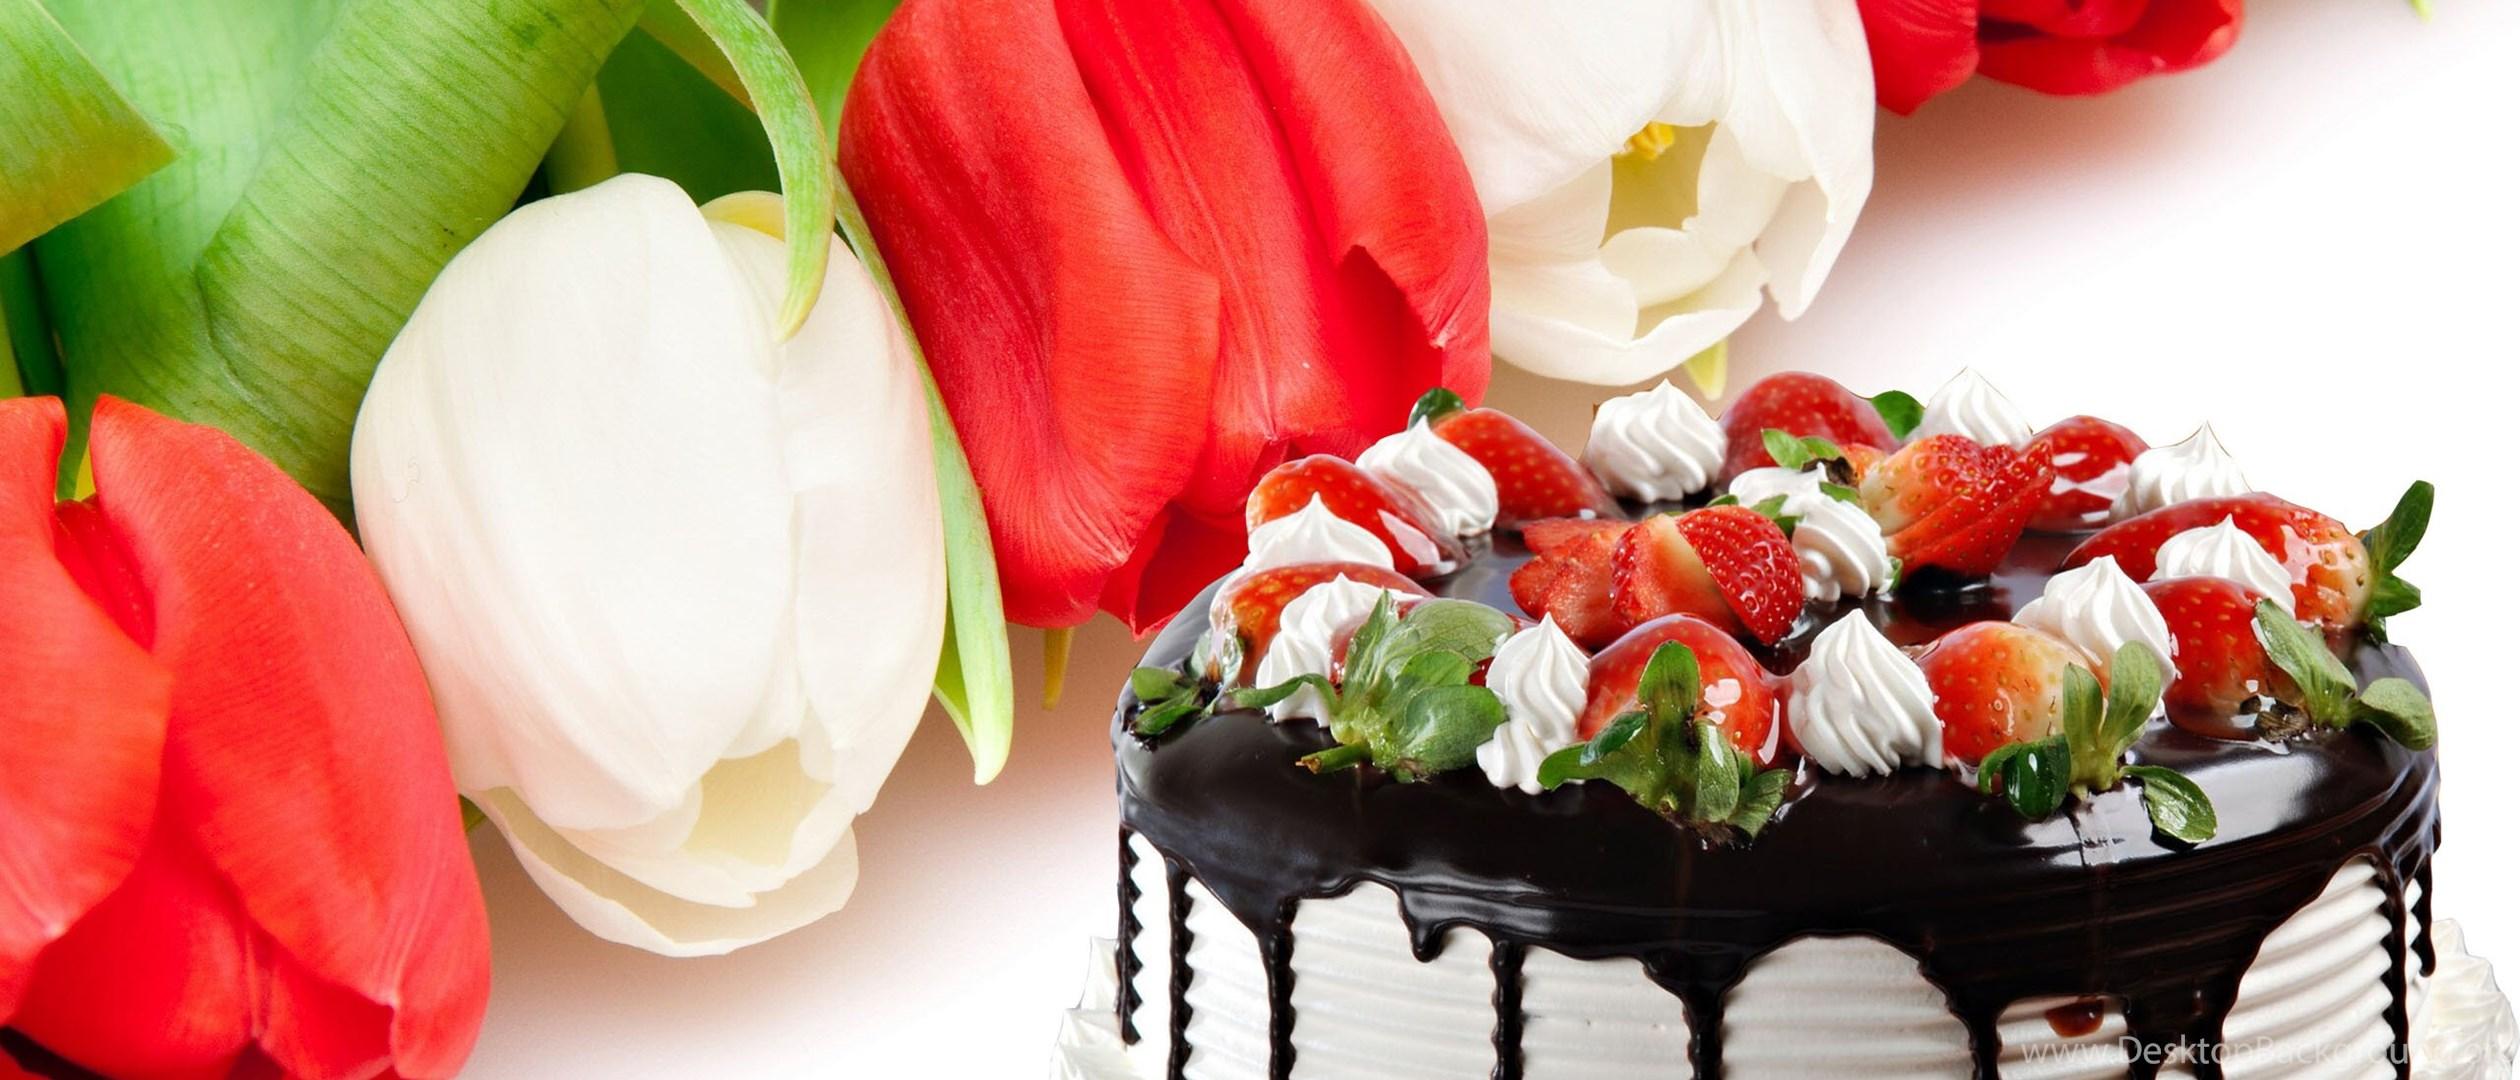 будет открытки с днем торты и цветы пленке находится